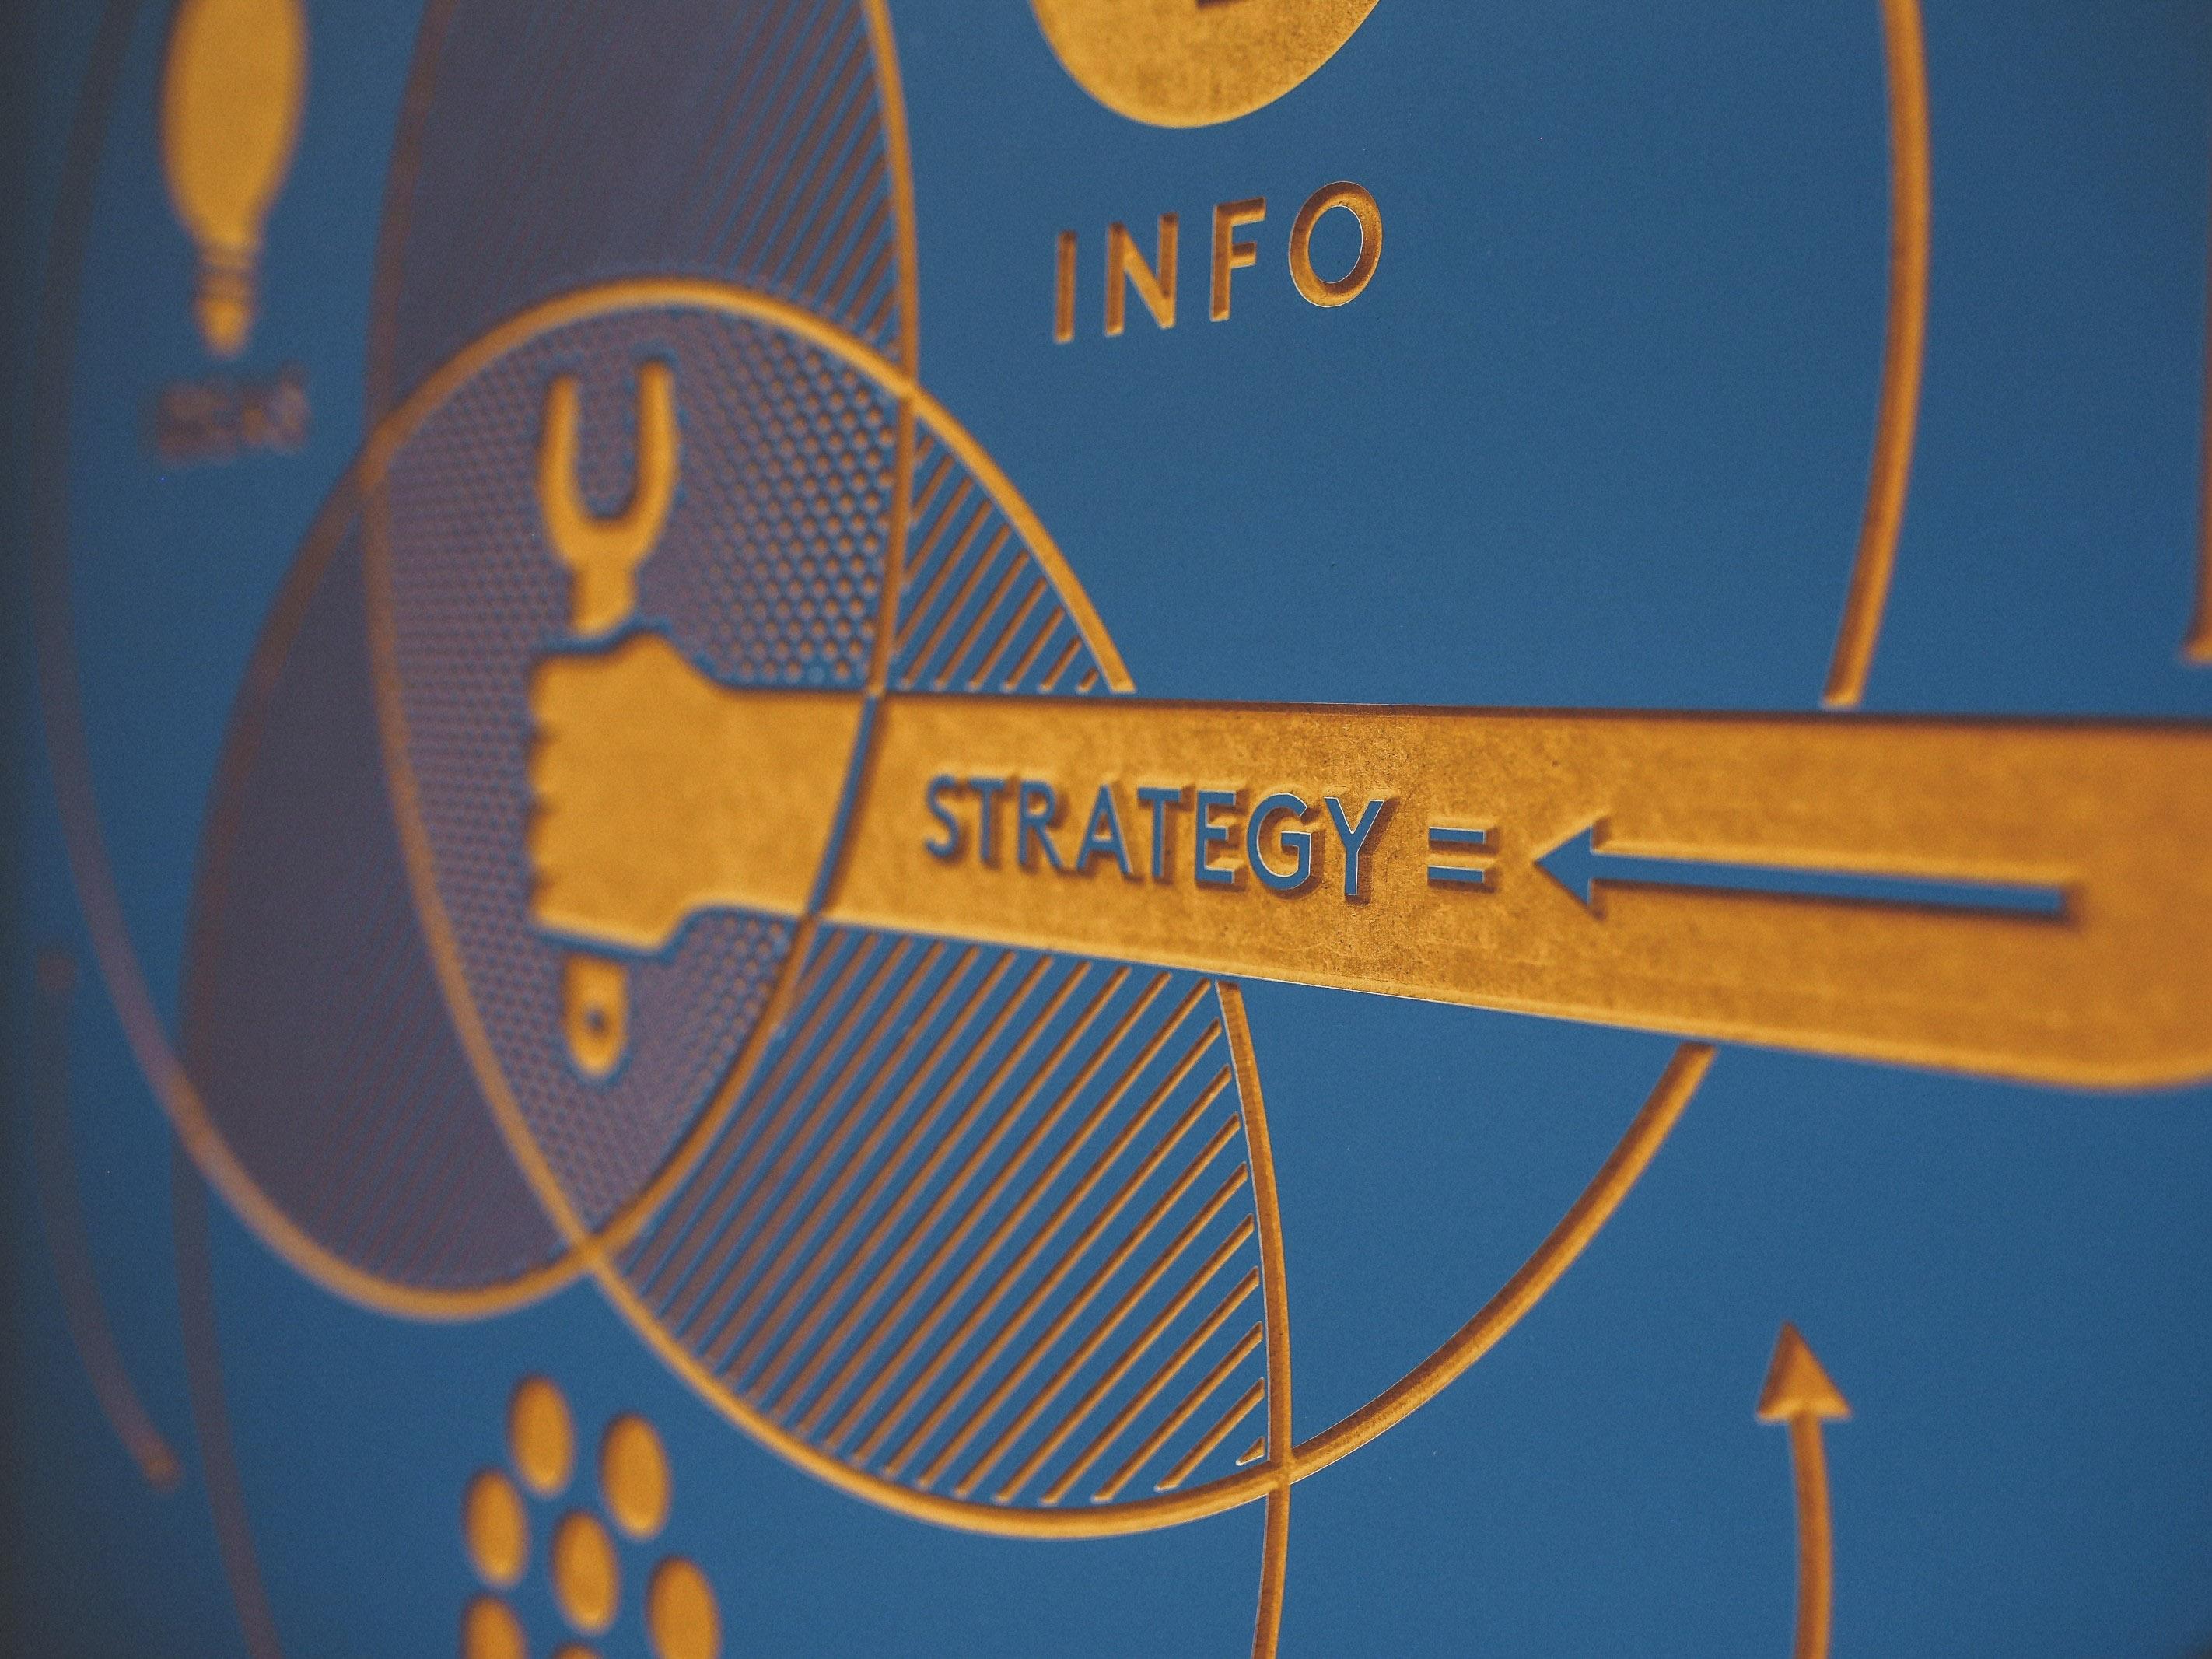 品牌選對平台了嗎?掌握4大社群特性,提供用戶專屬服務